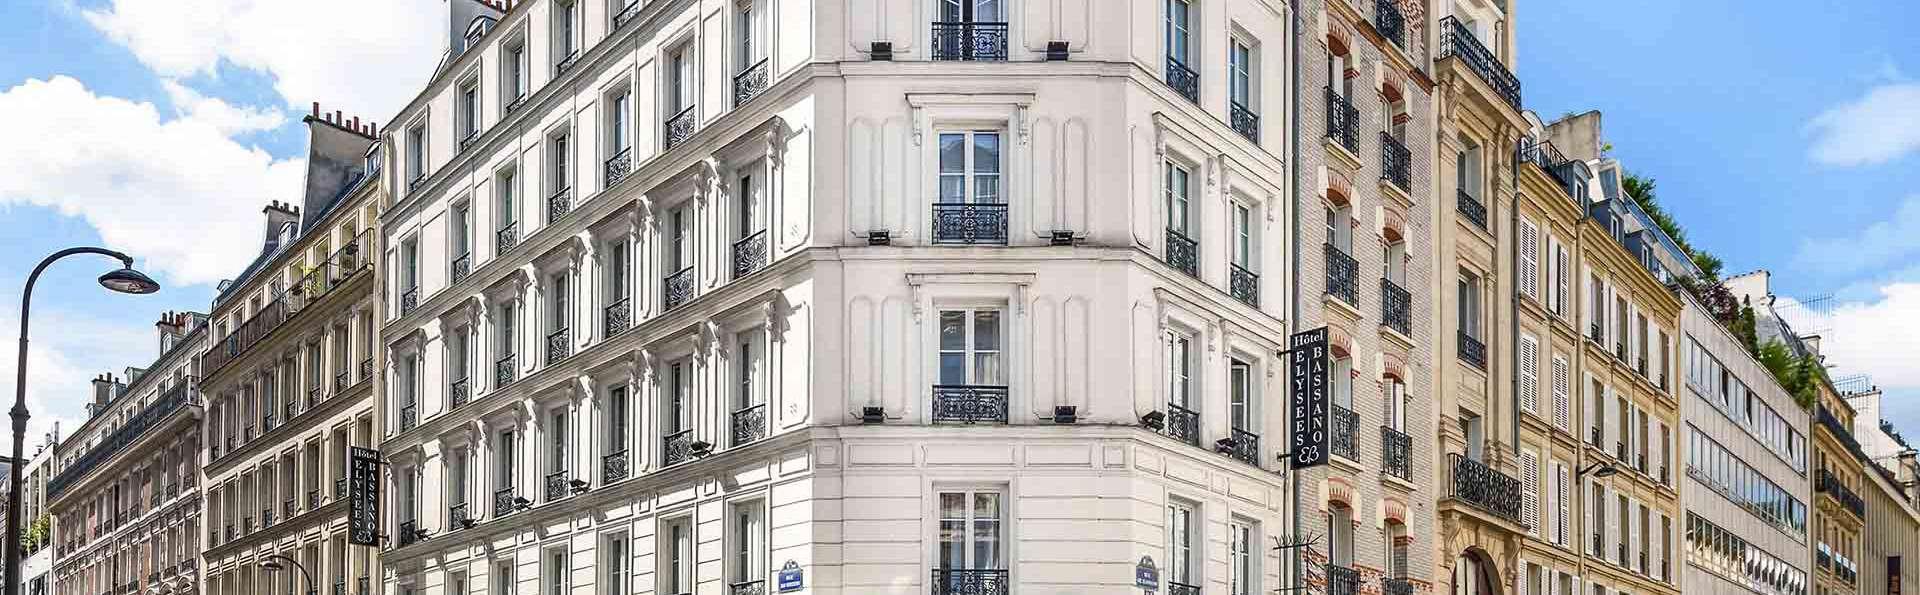 Hôtel Elysées Bassano - EDIT_EXTERIOR_02.jpg